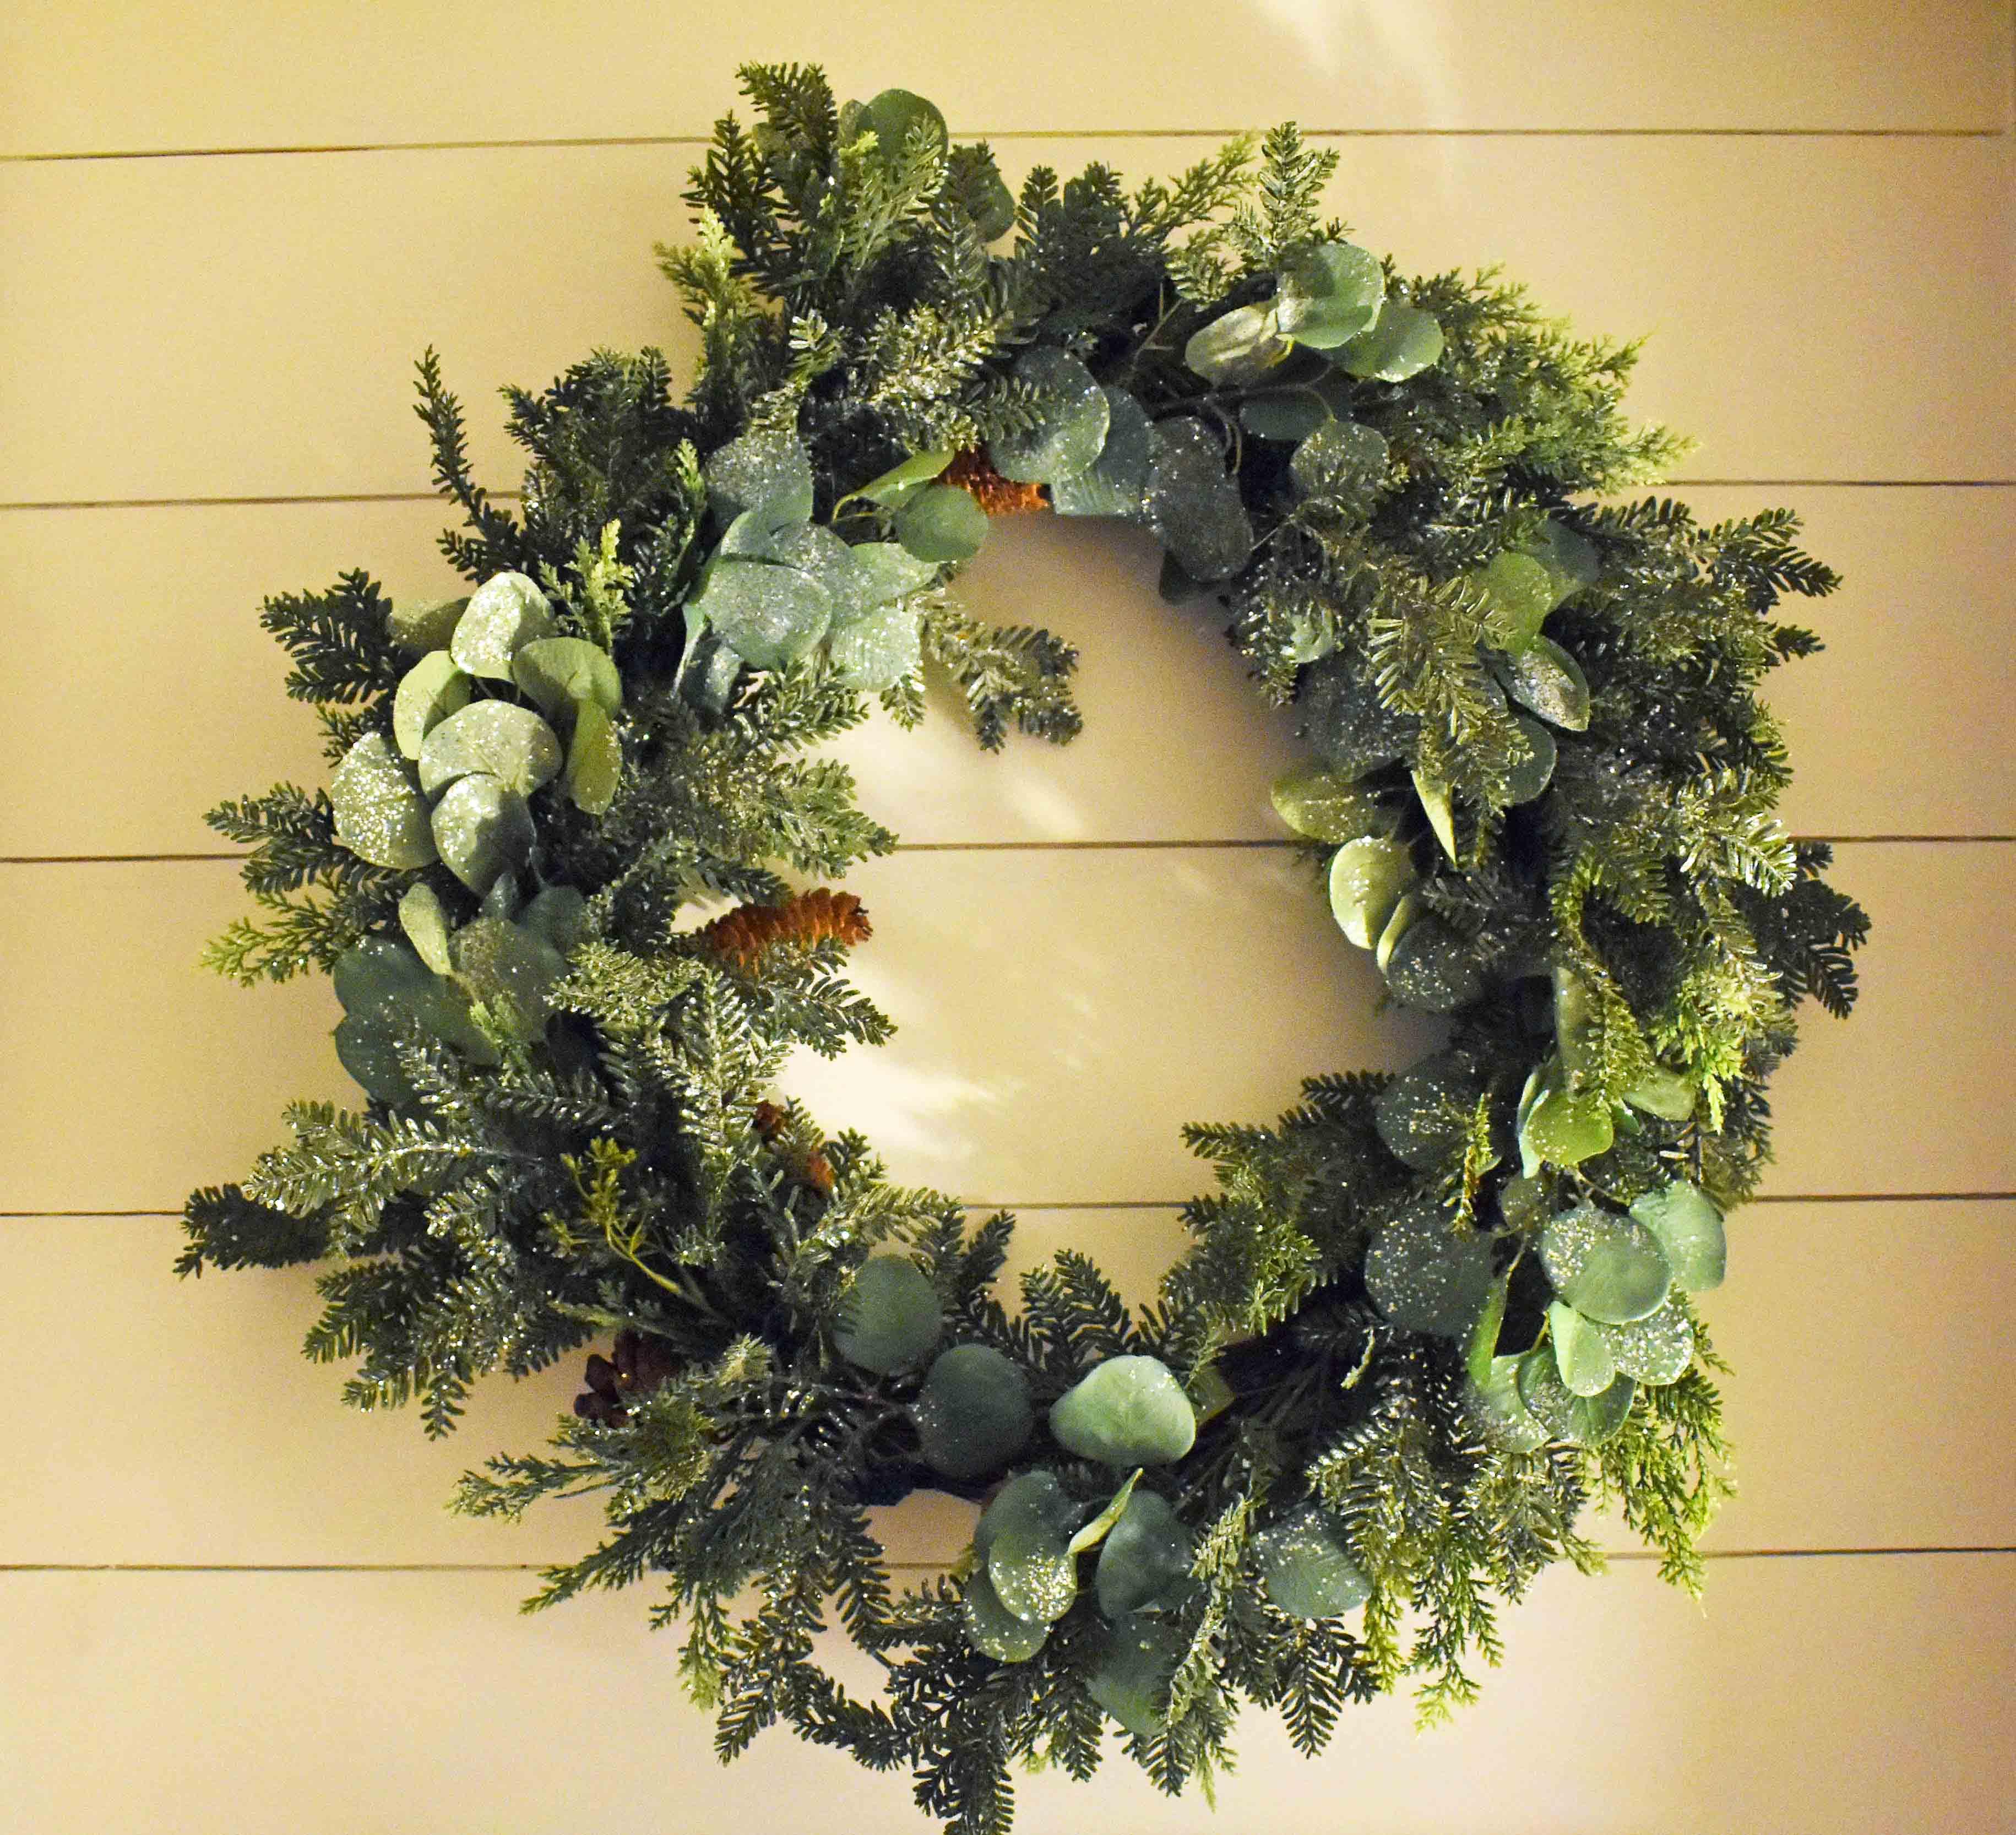 Christmas Tablescapes Ideas. Christmas Dining Room. Natural Christmas decor. www.modernhoney.com